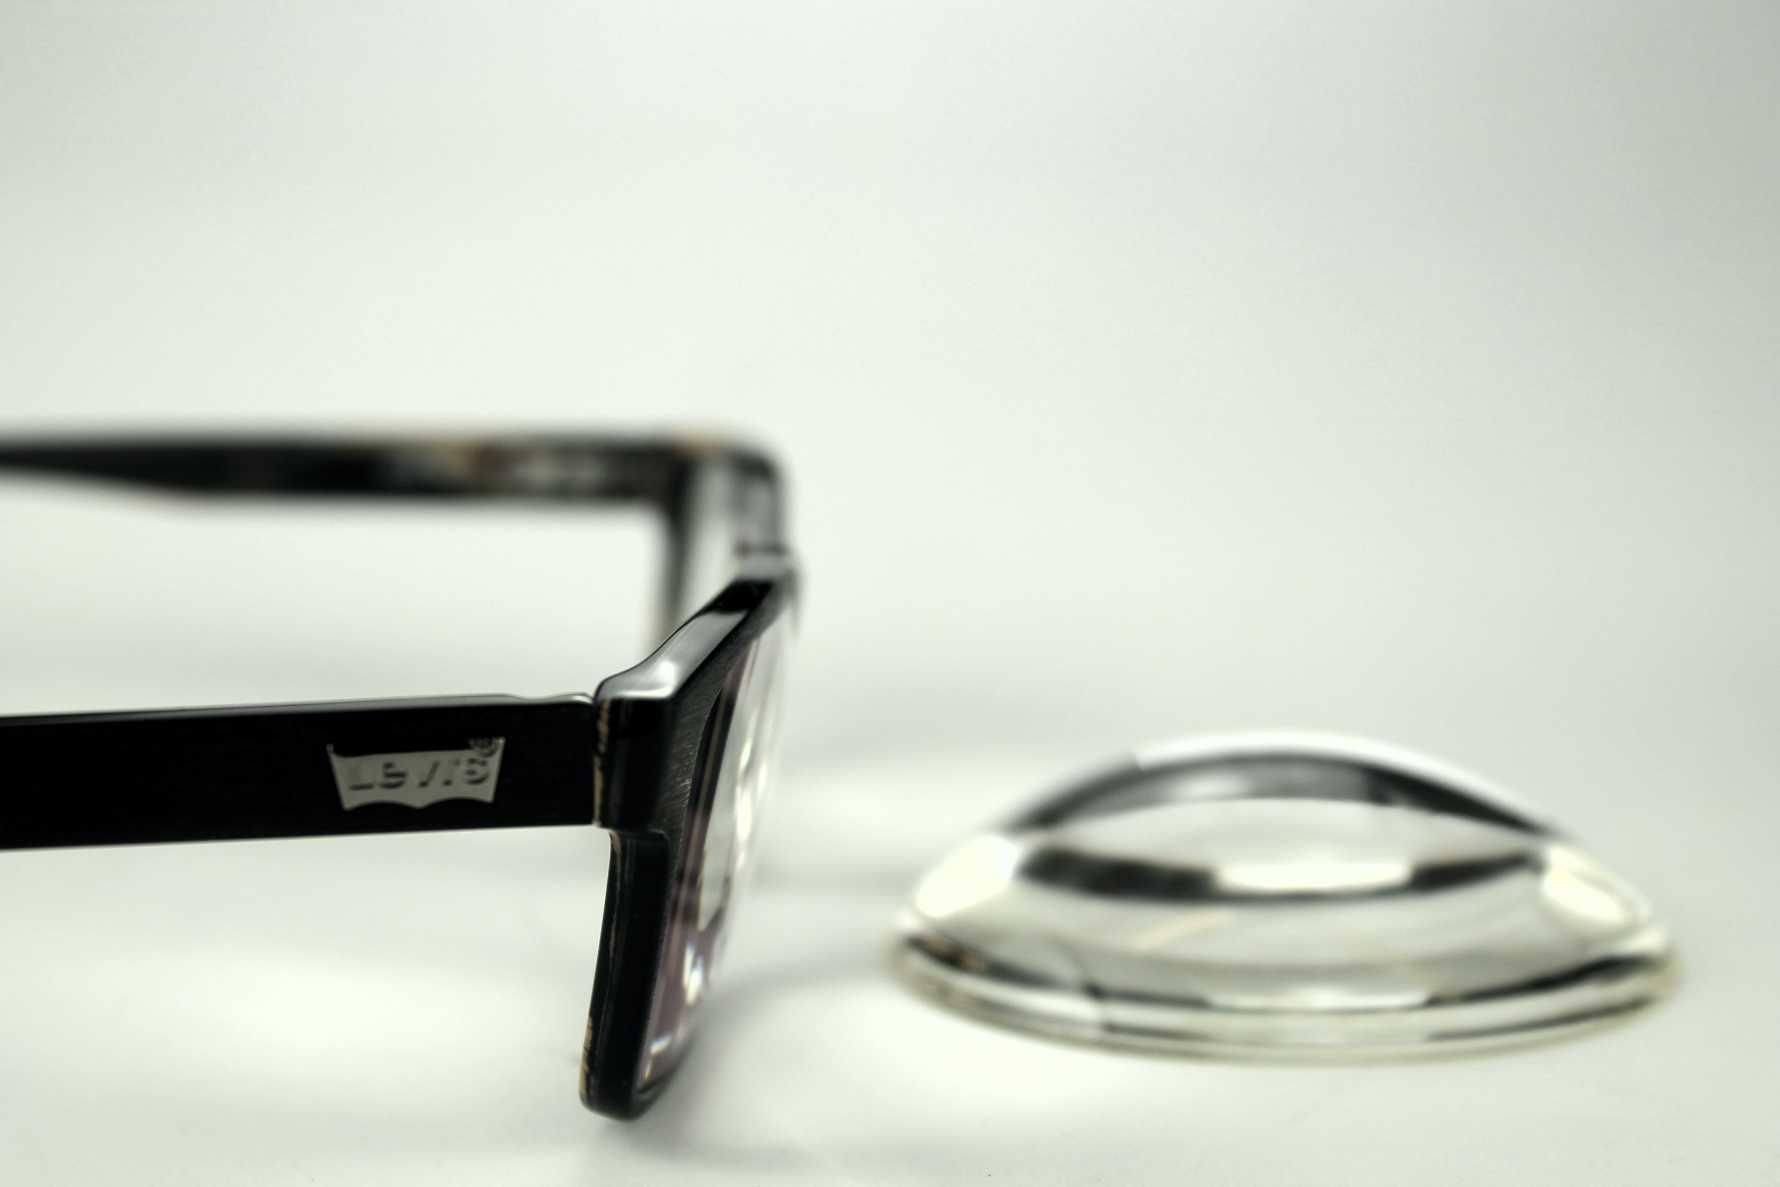 Vékonyítás nélküli nyers lencse vs. vékonyított kerethez optimalizált  elkészült szemüveglencse. 6b98501800